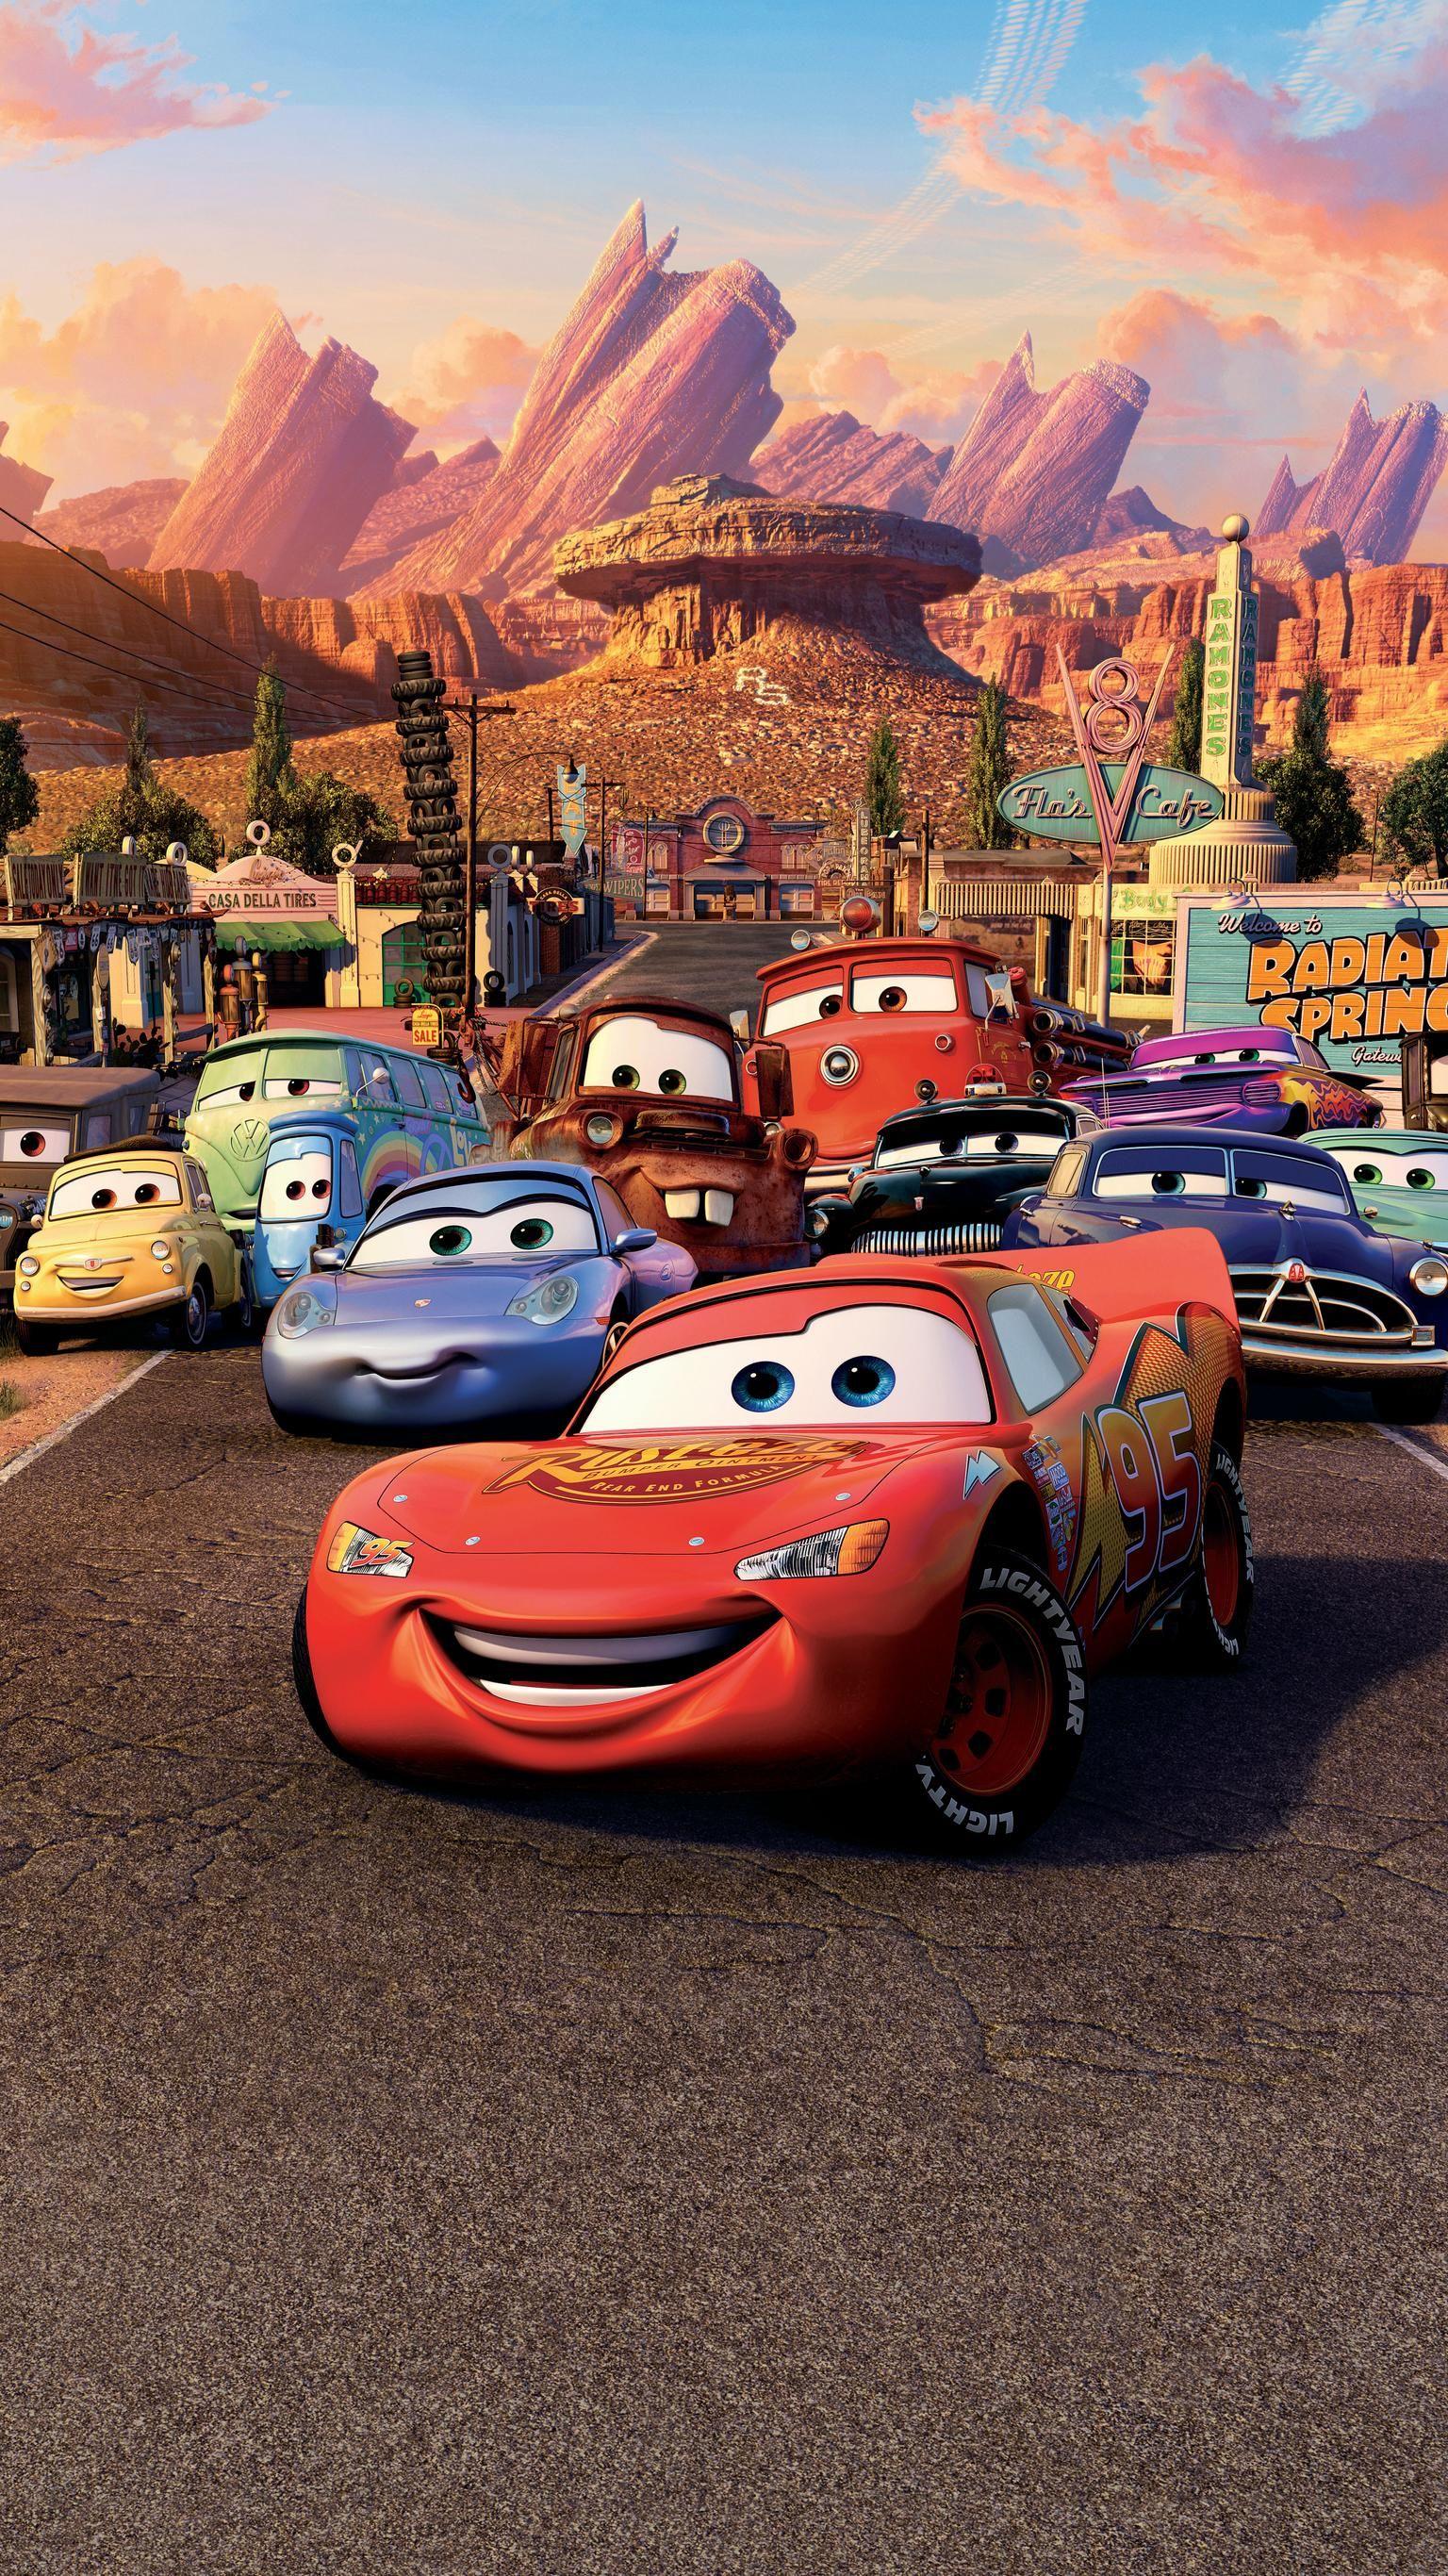 Cars 2006 Phone Wallpaper Com Imagens Imagens De Carros